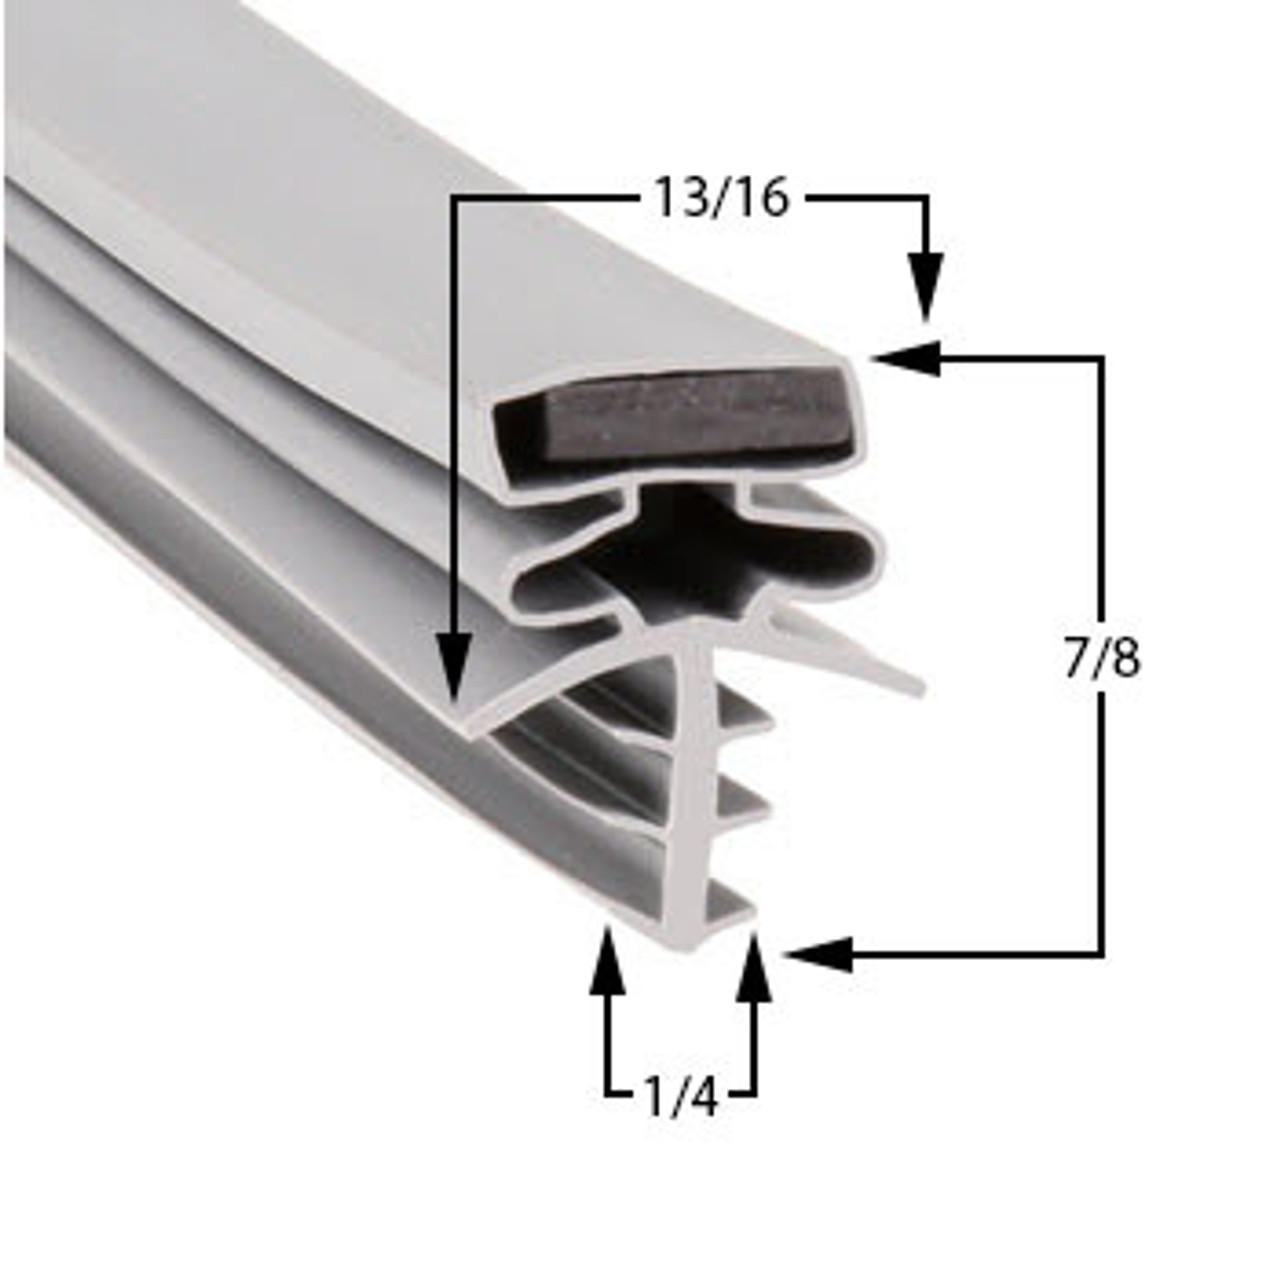 Bally Door Gasket Profile 301 31 1/2 x 83 1/2